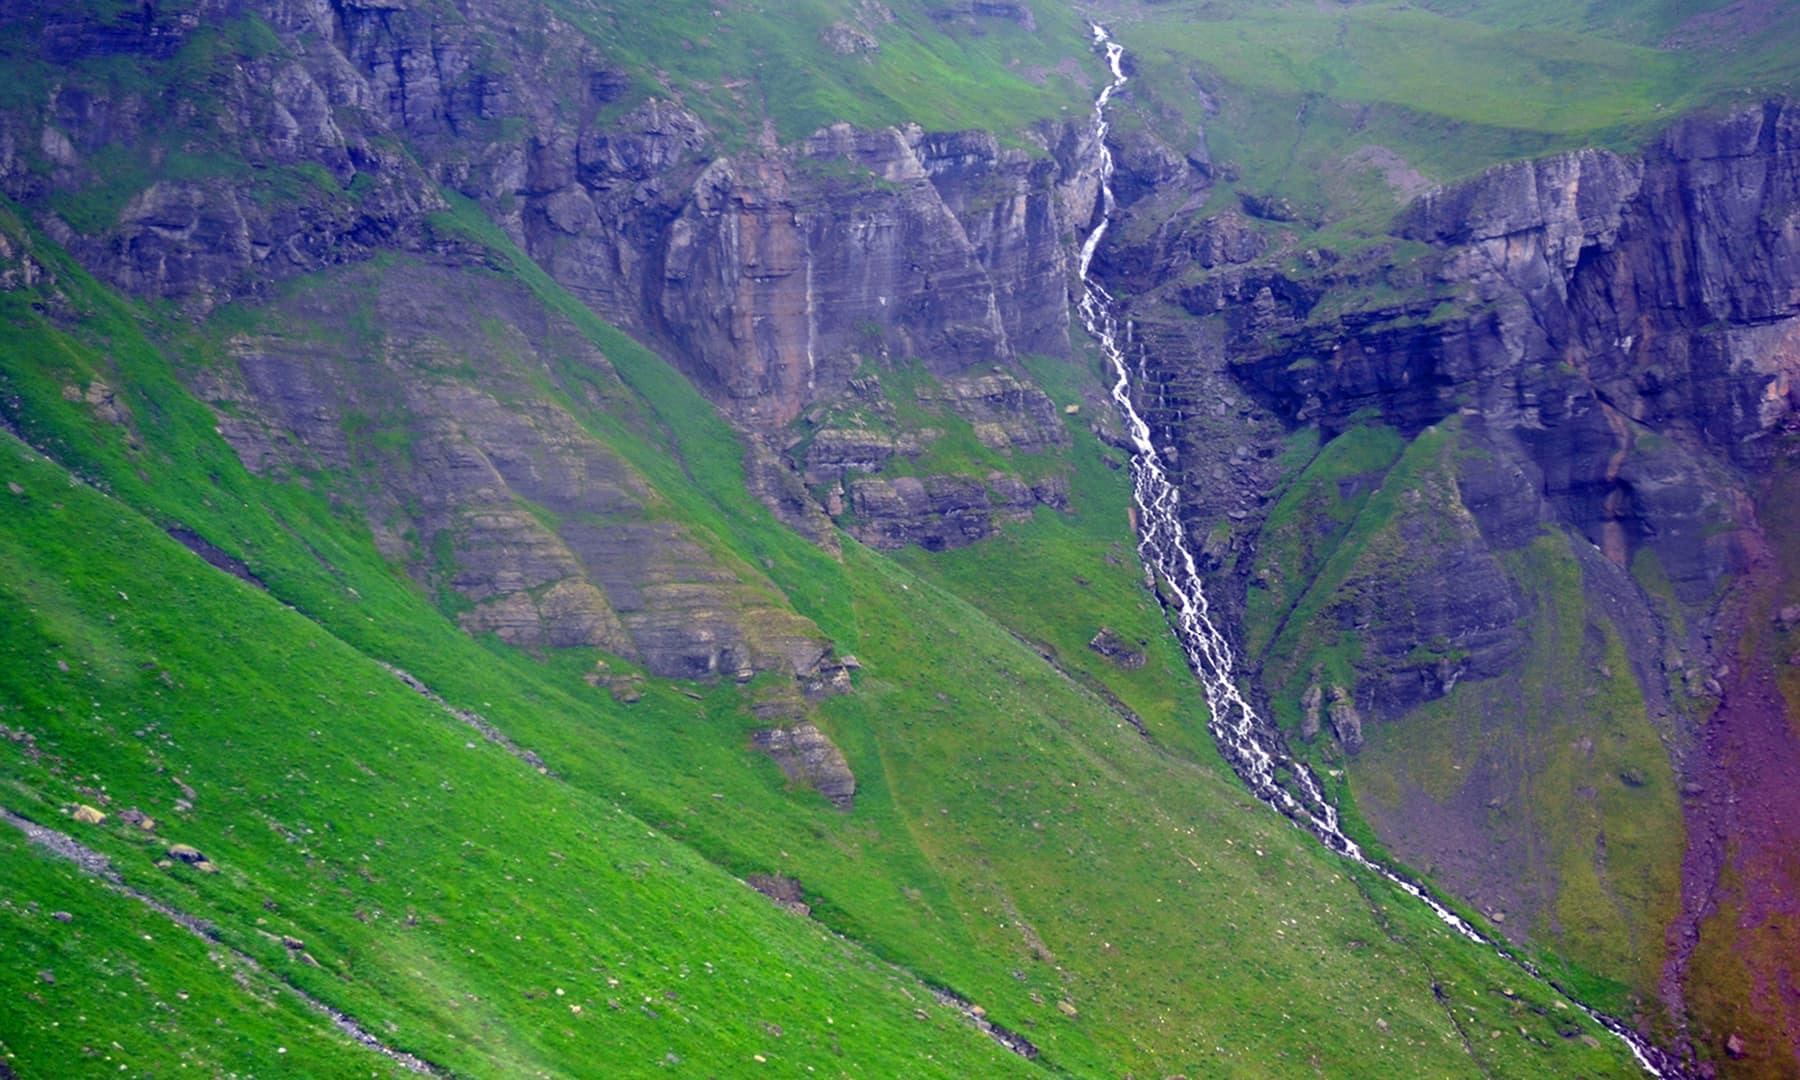 انٹر لاکن میں دور سے ایک آبشار کا نظارہ — تصویر رمضان رفیق